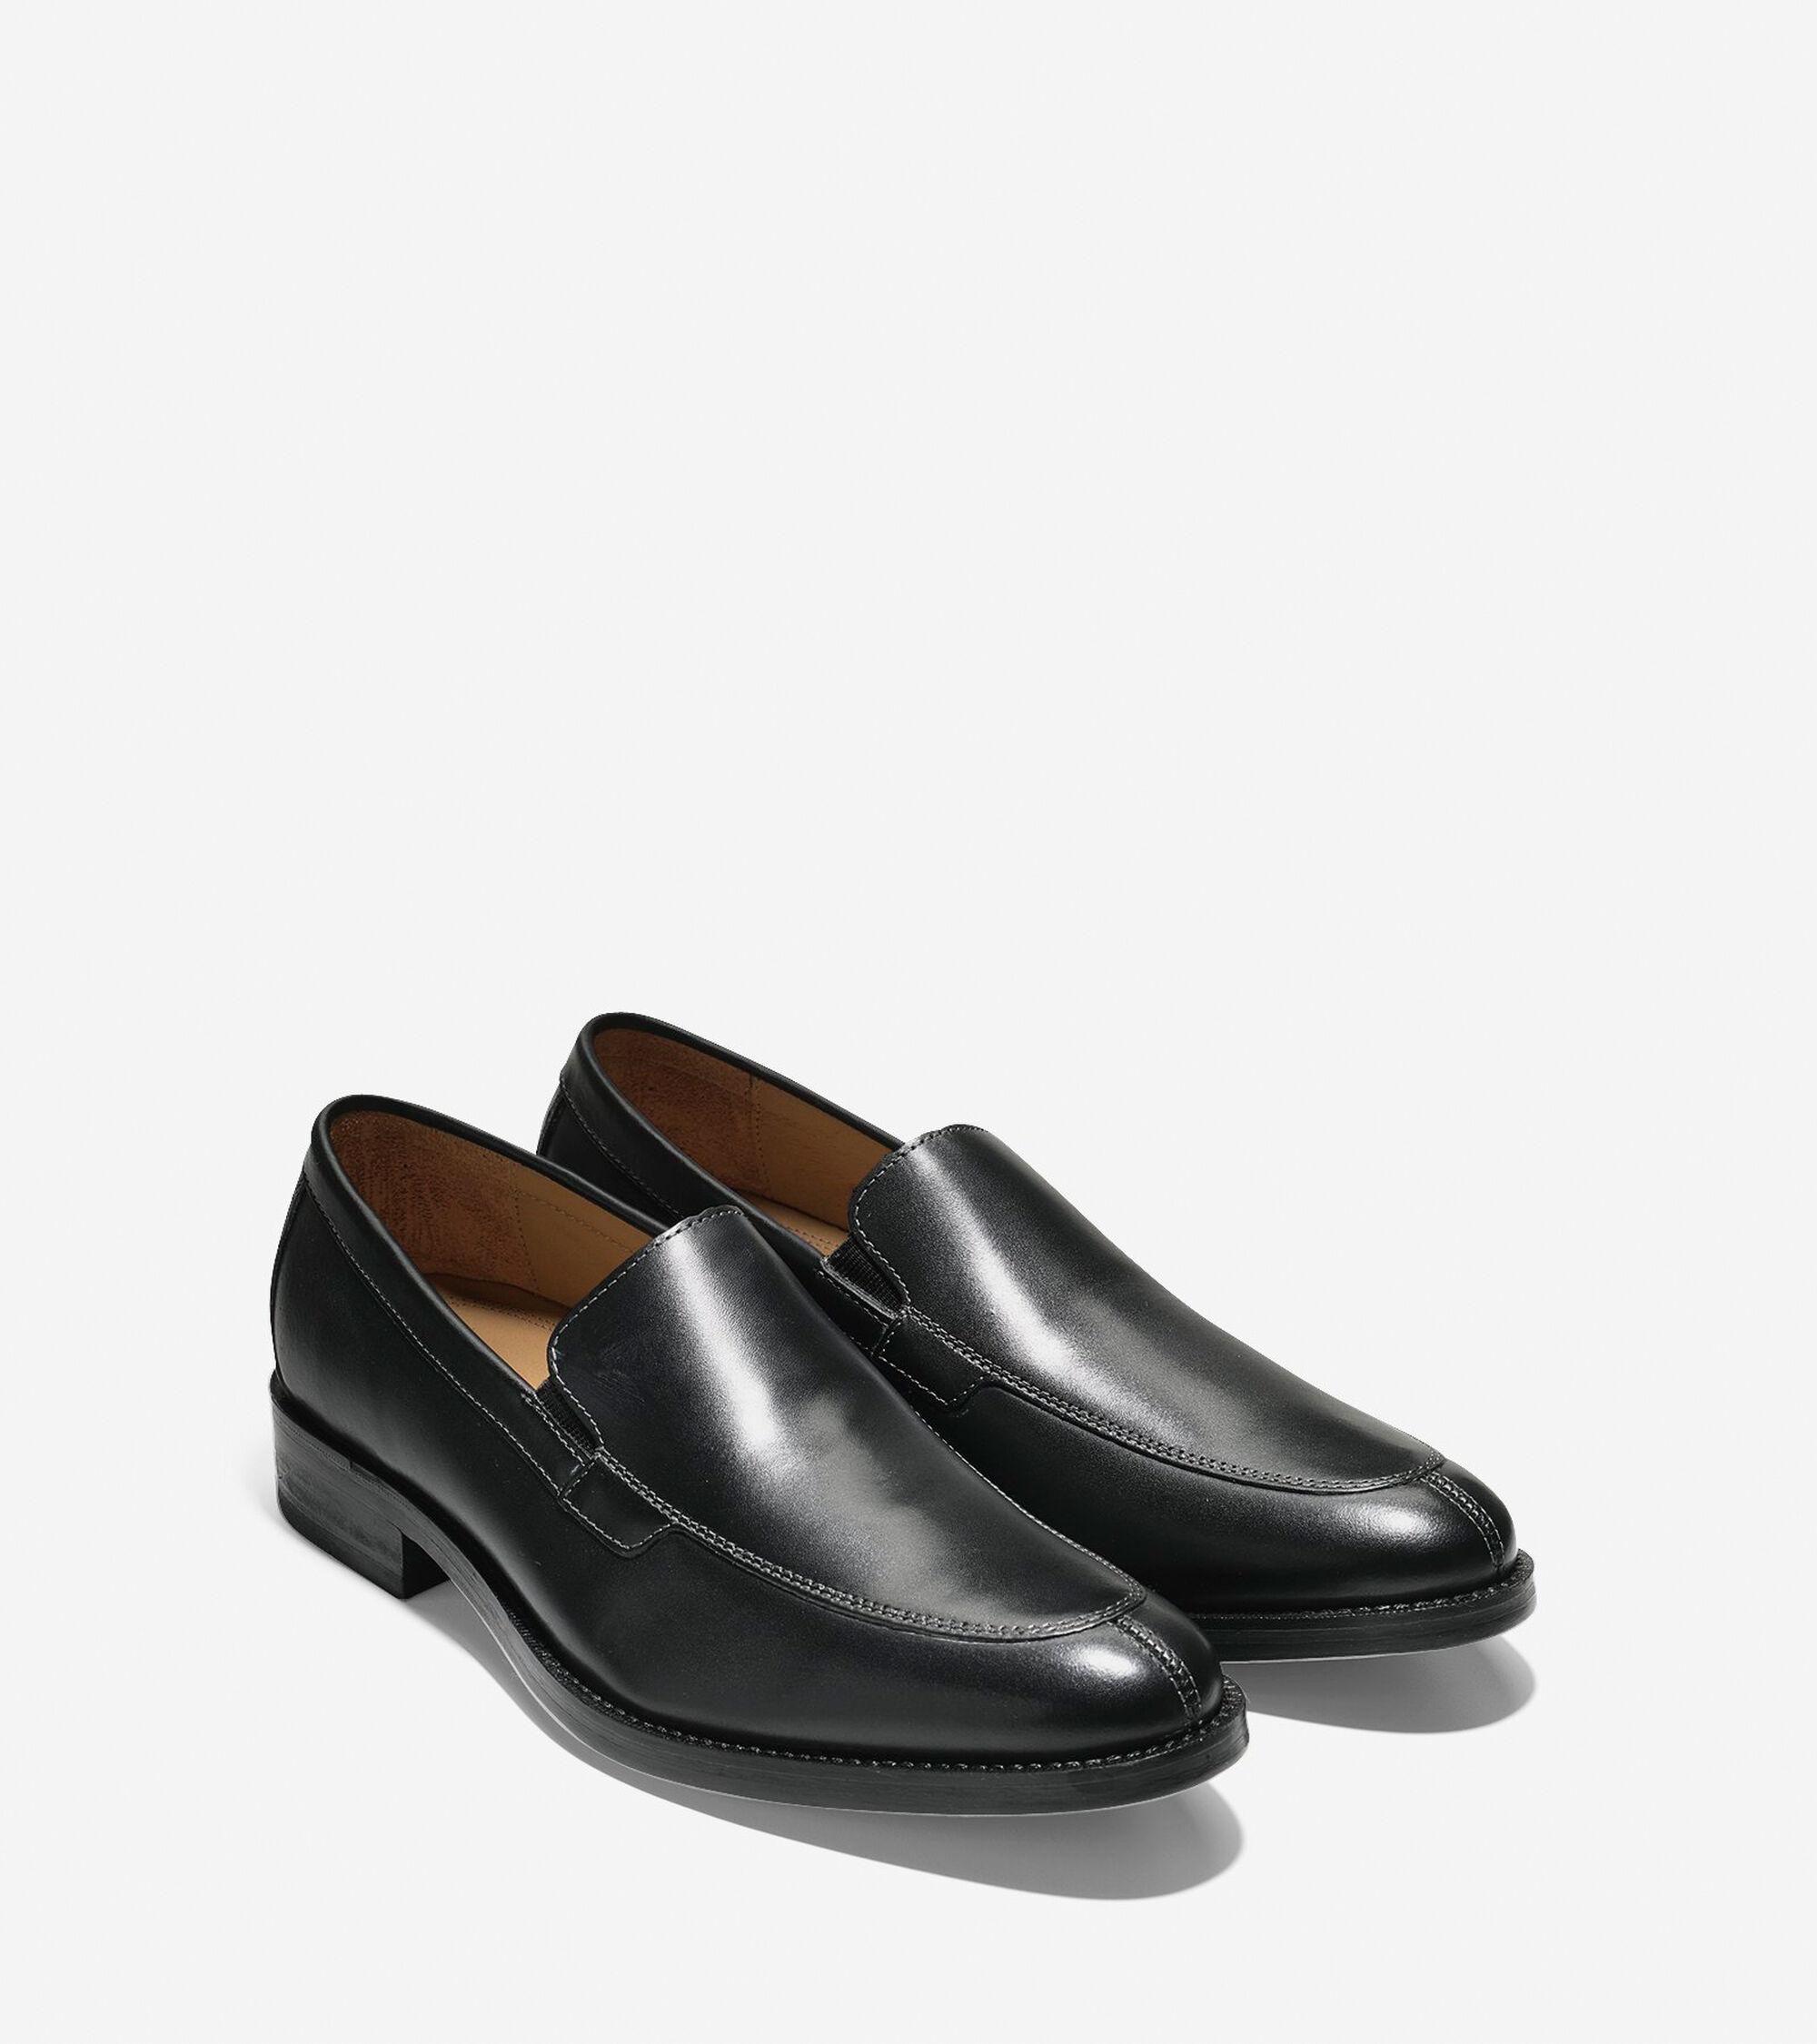 fdd7e322554 Mens Madison Split Toe Venetians in Black